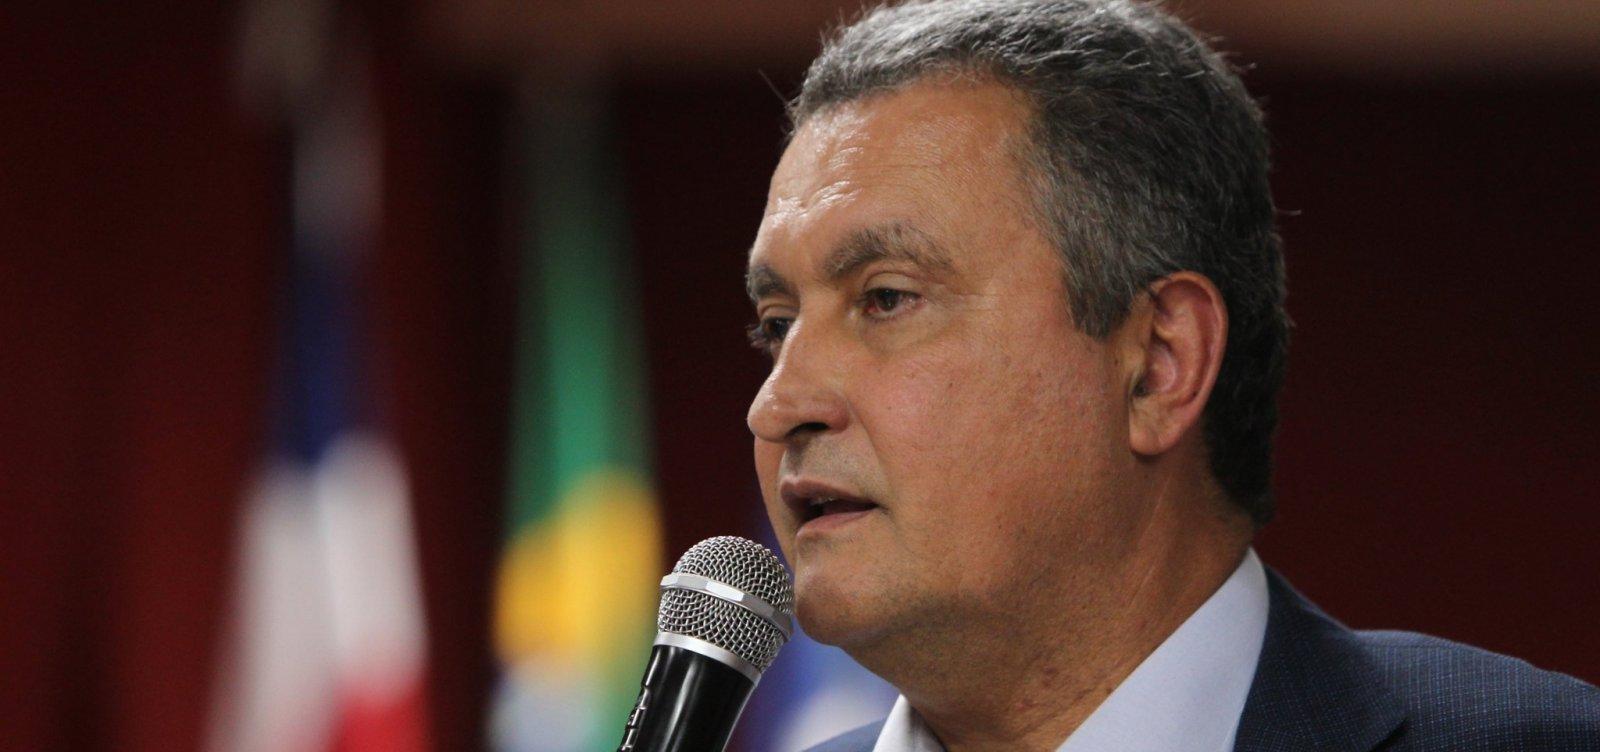 Rui Costa decreta luto oficial de três dias na Bahia pela morte do ex-governador, doutor Roberto Santos